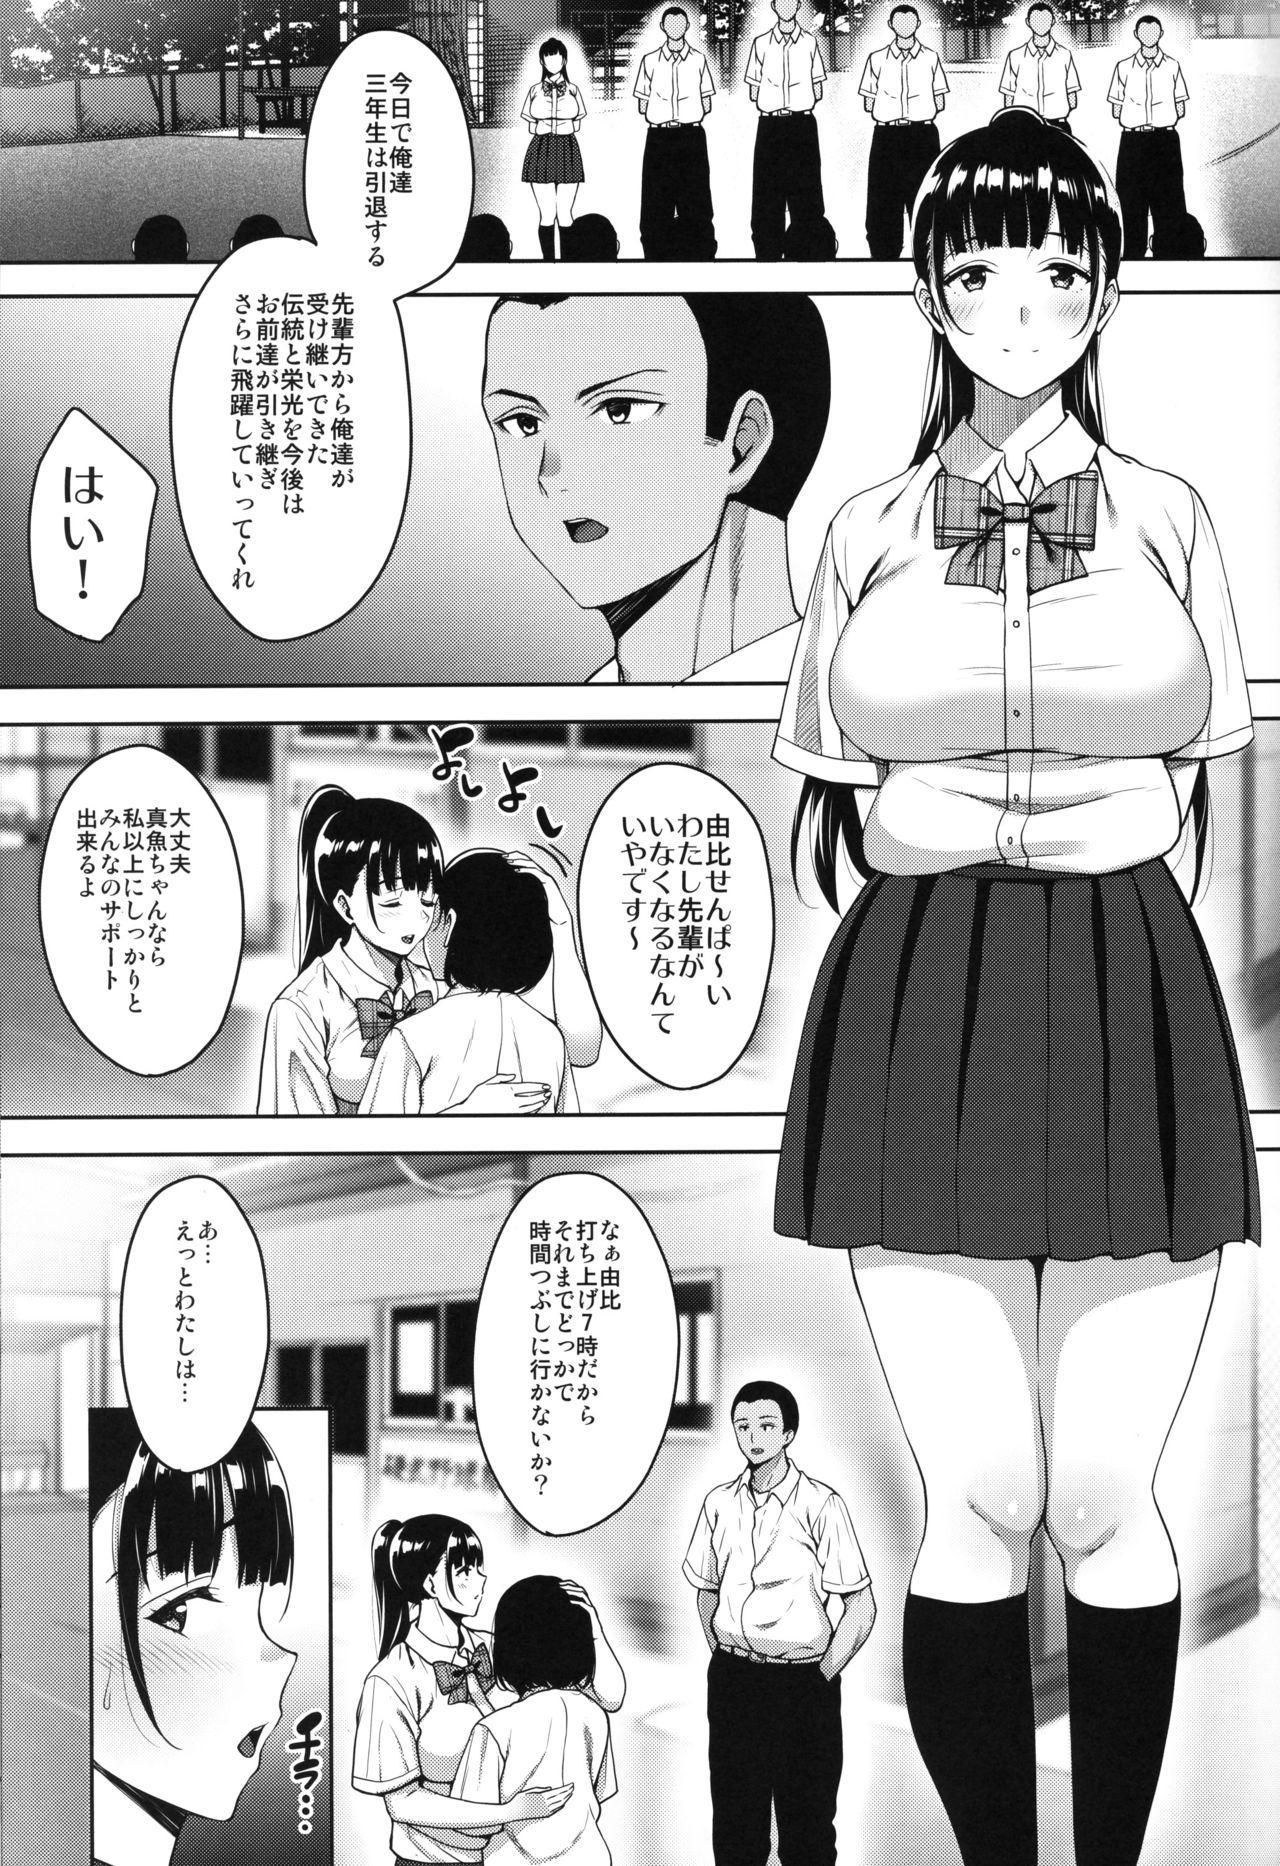 Natsu ga Owaru made Natsu no Owari Kanketsuhen 3